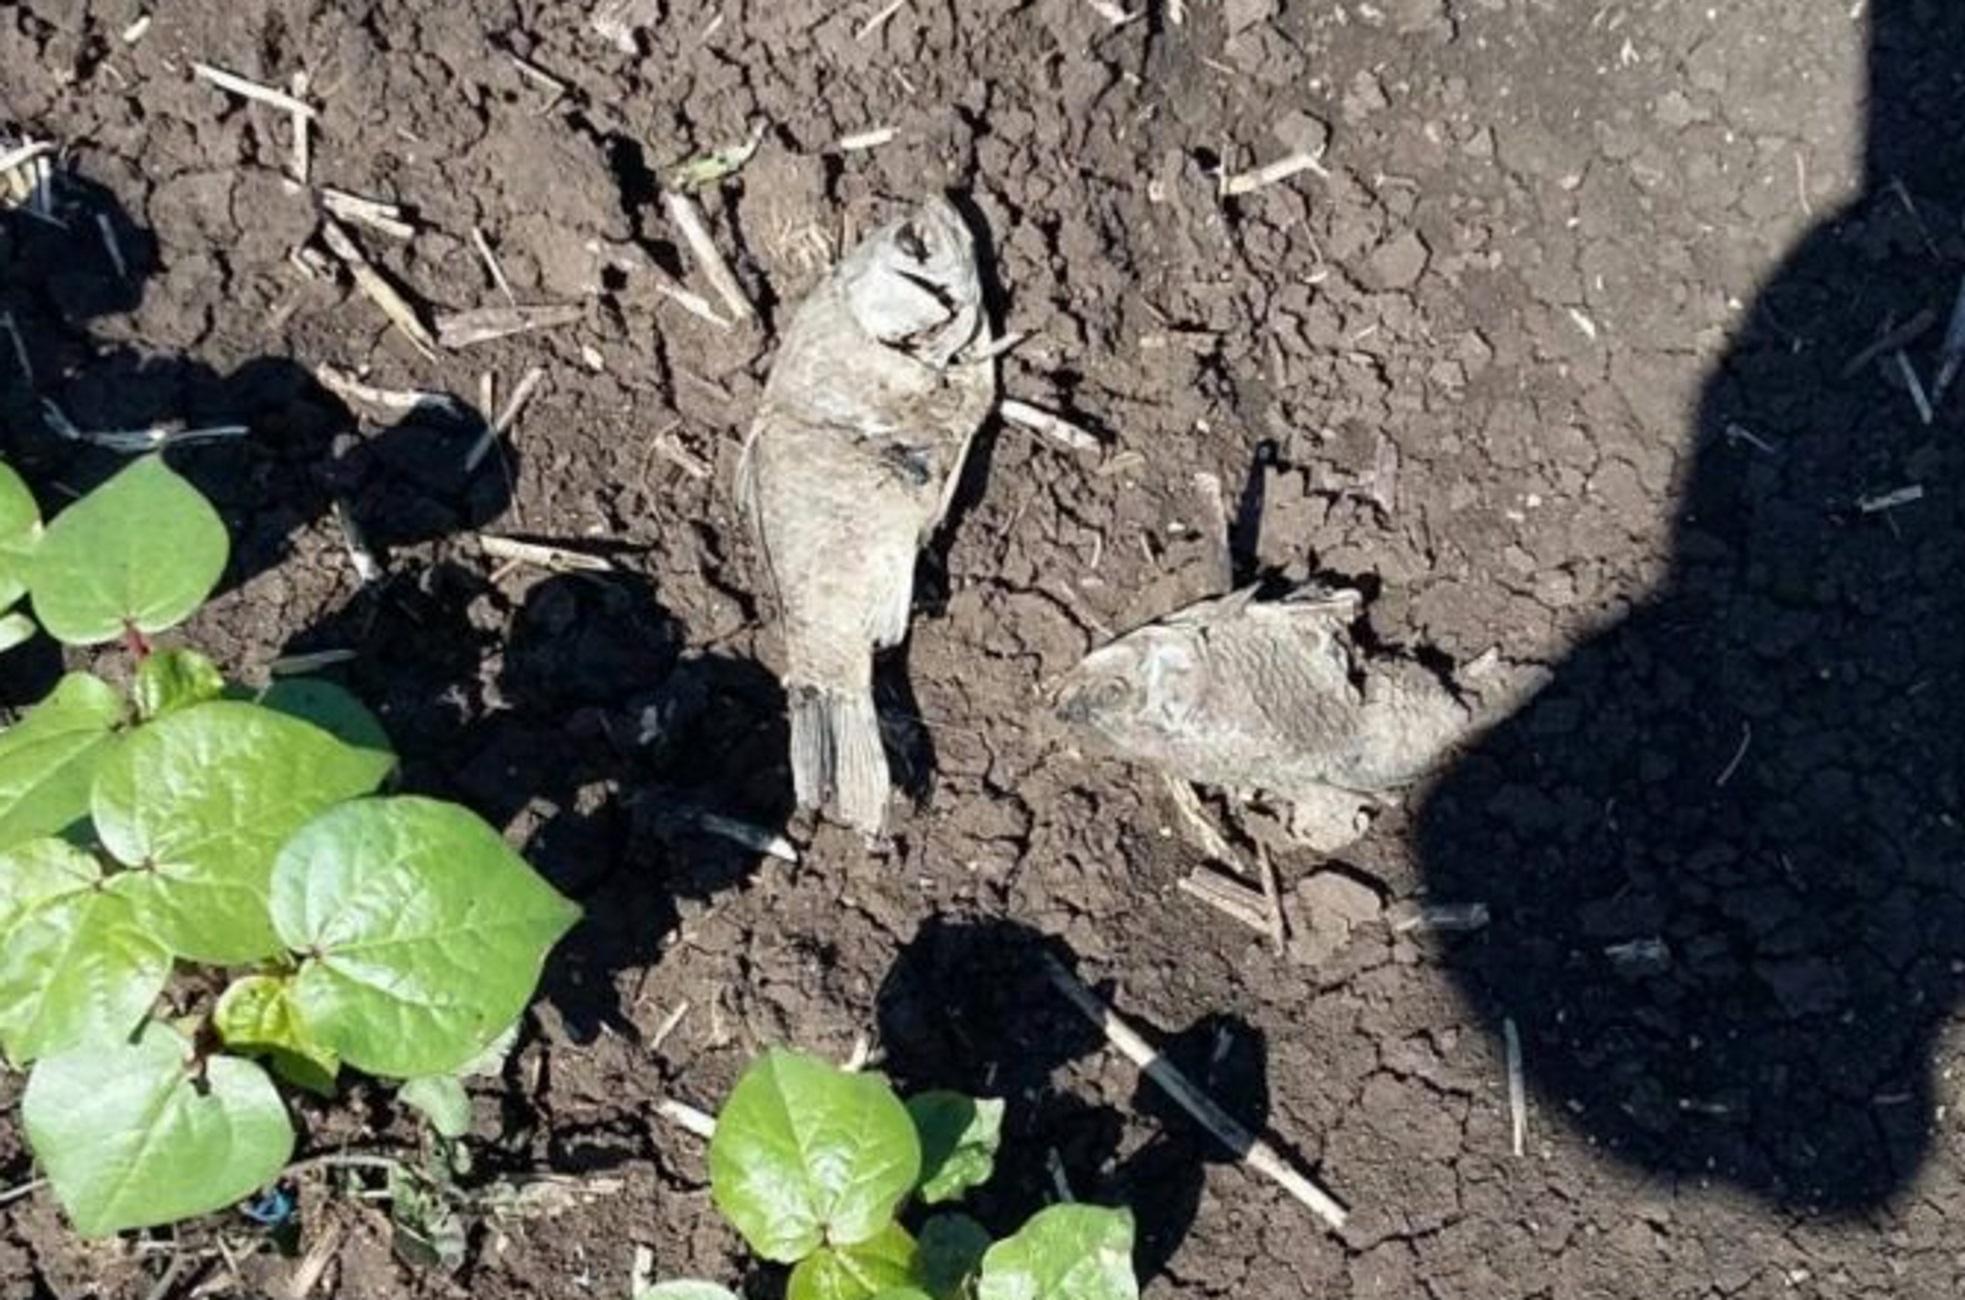 Λάρισα: Τα ψάρια βγήκαν στη στεριά και βρέθηκαν στα χωράφια τους! Η εξήγηση δεν ήταν σύνθετη (Φωτό)